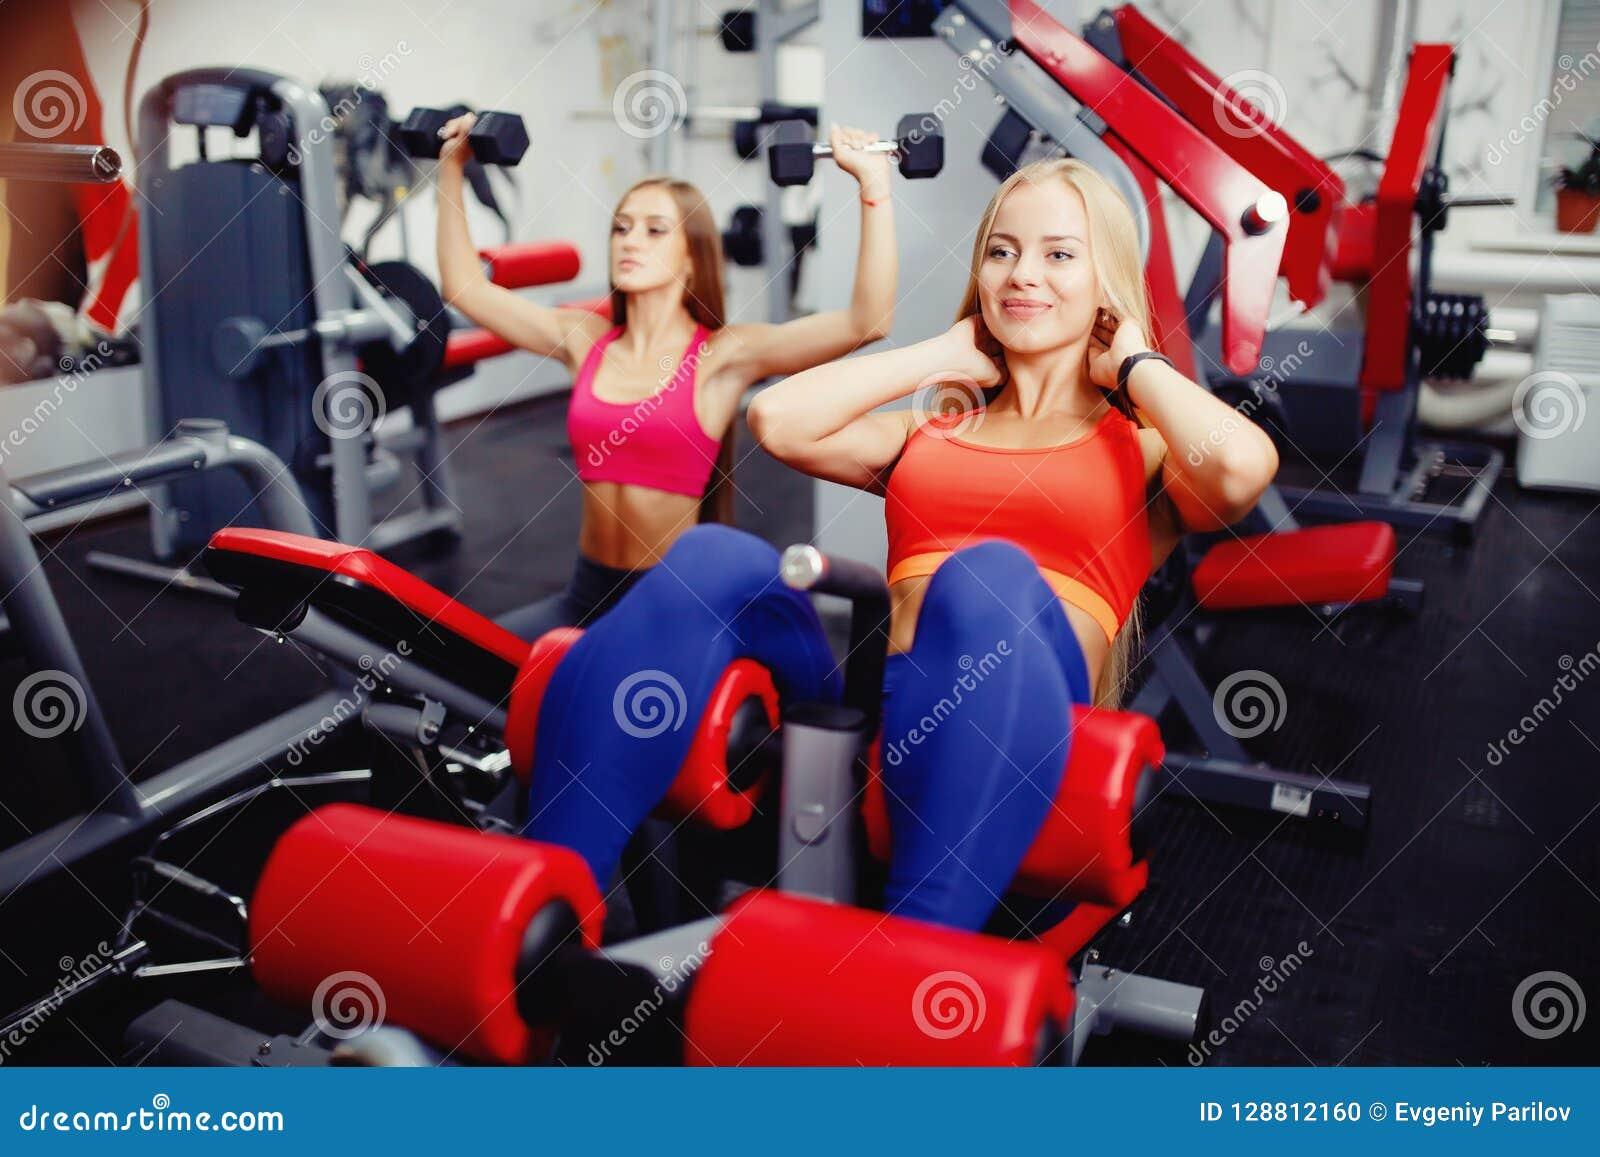 equipo de gimnasio ejercicio pérdida de peso